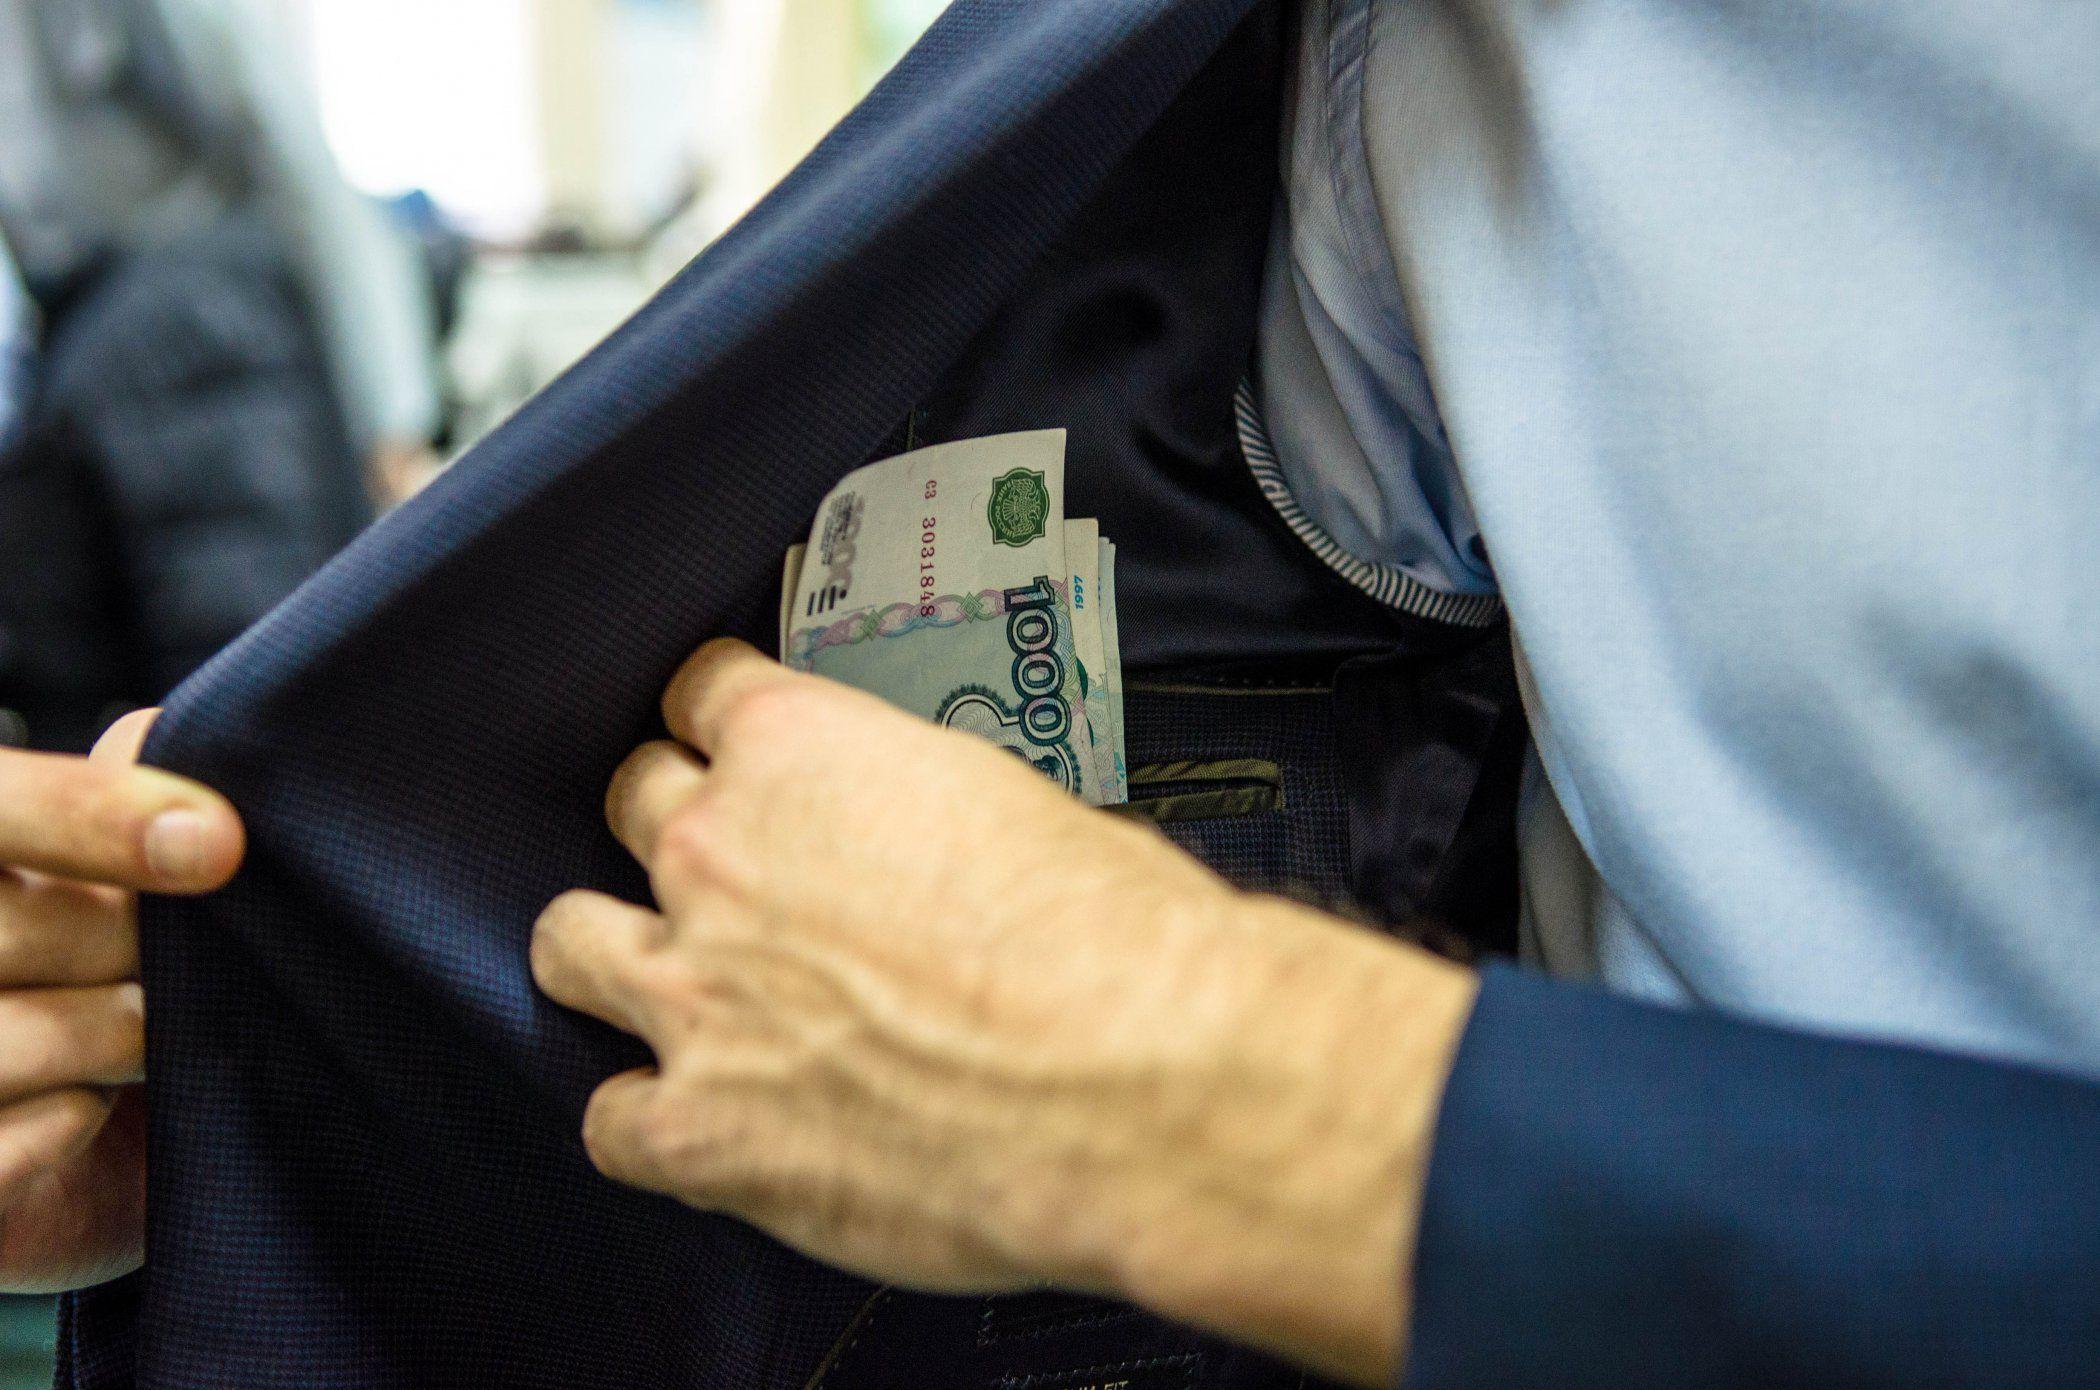 Картинка про взятку